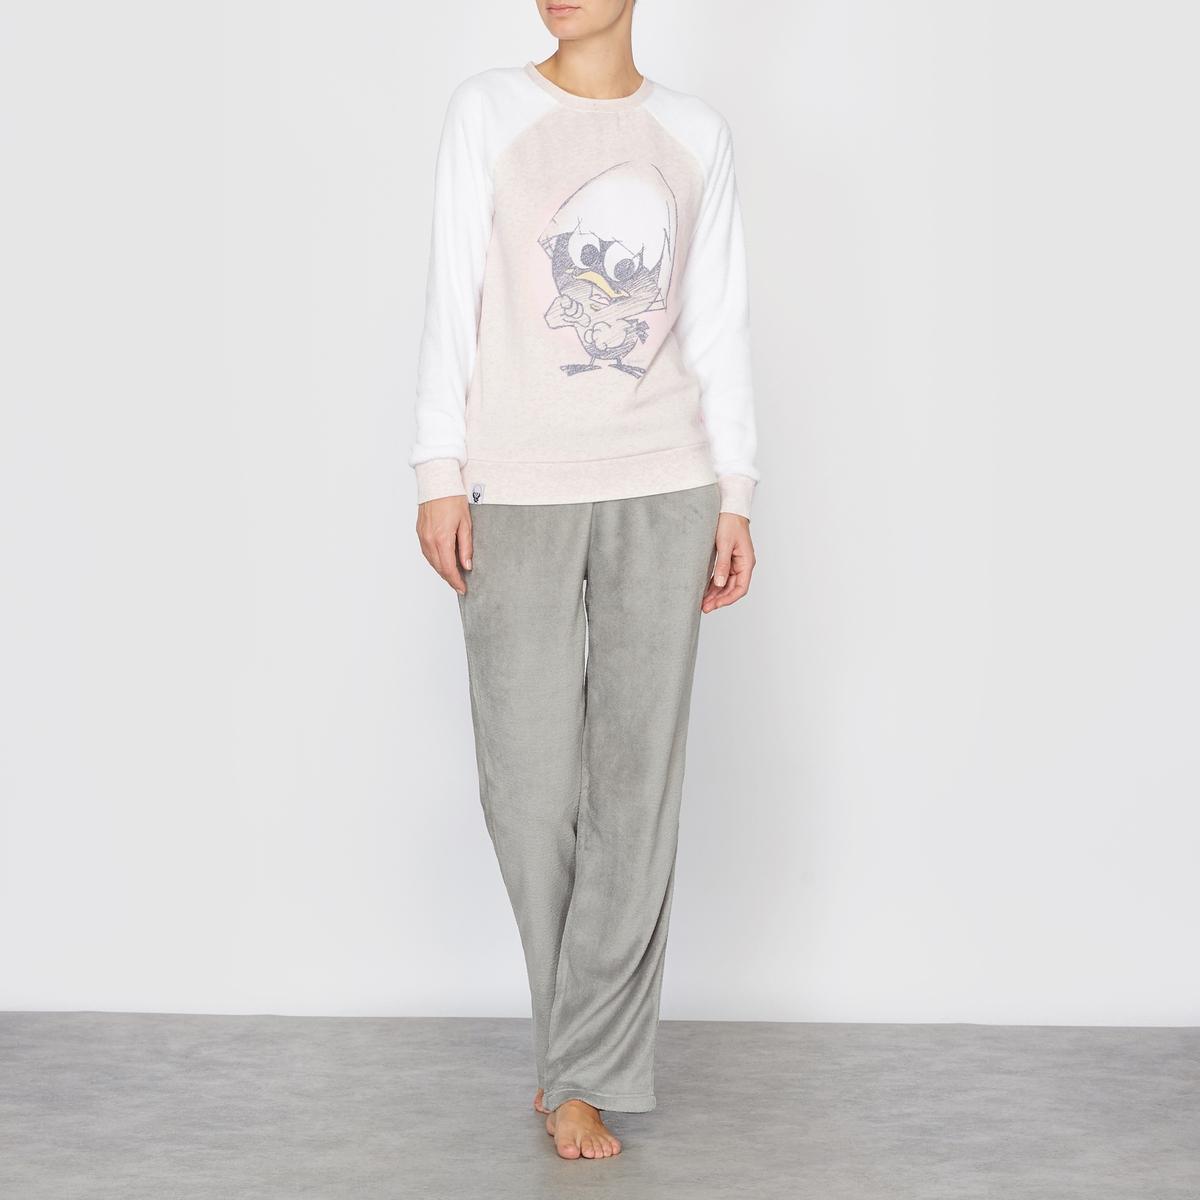 Пижама с длинными рукавами Calimero